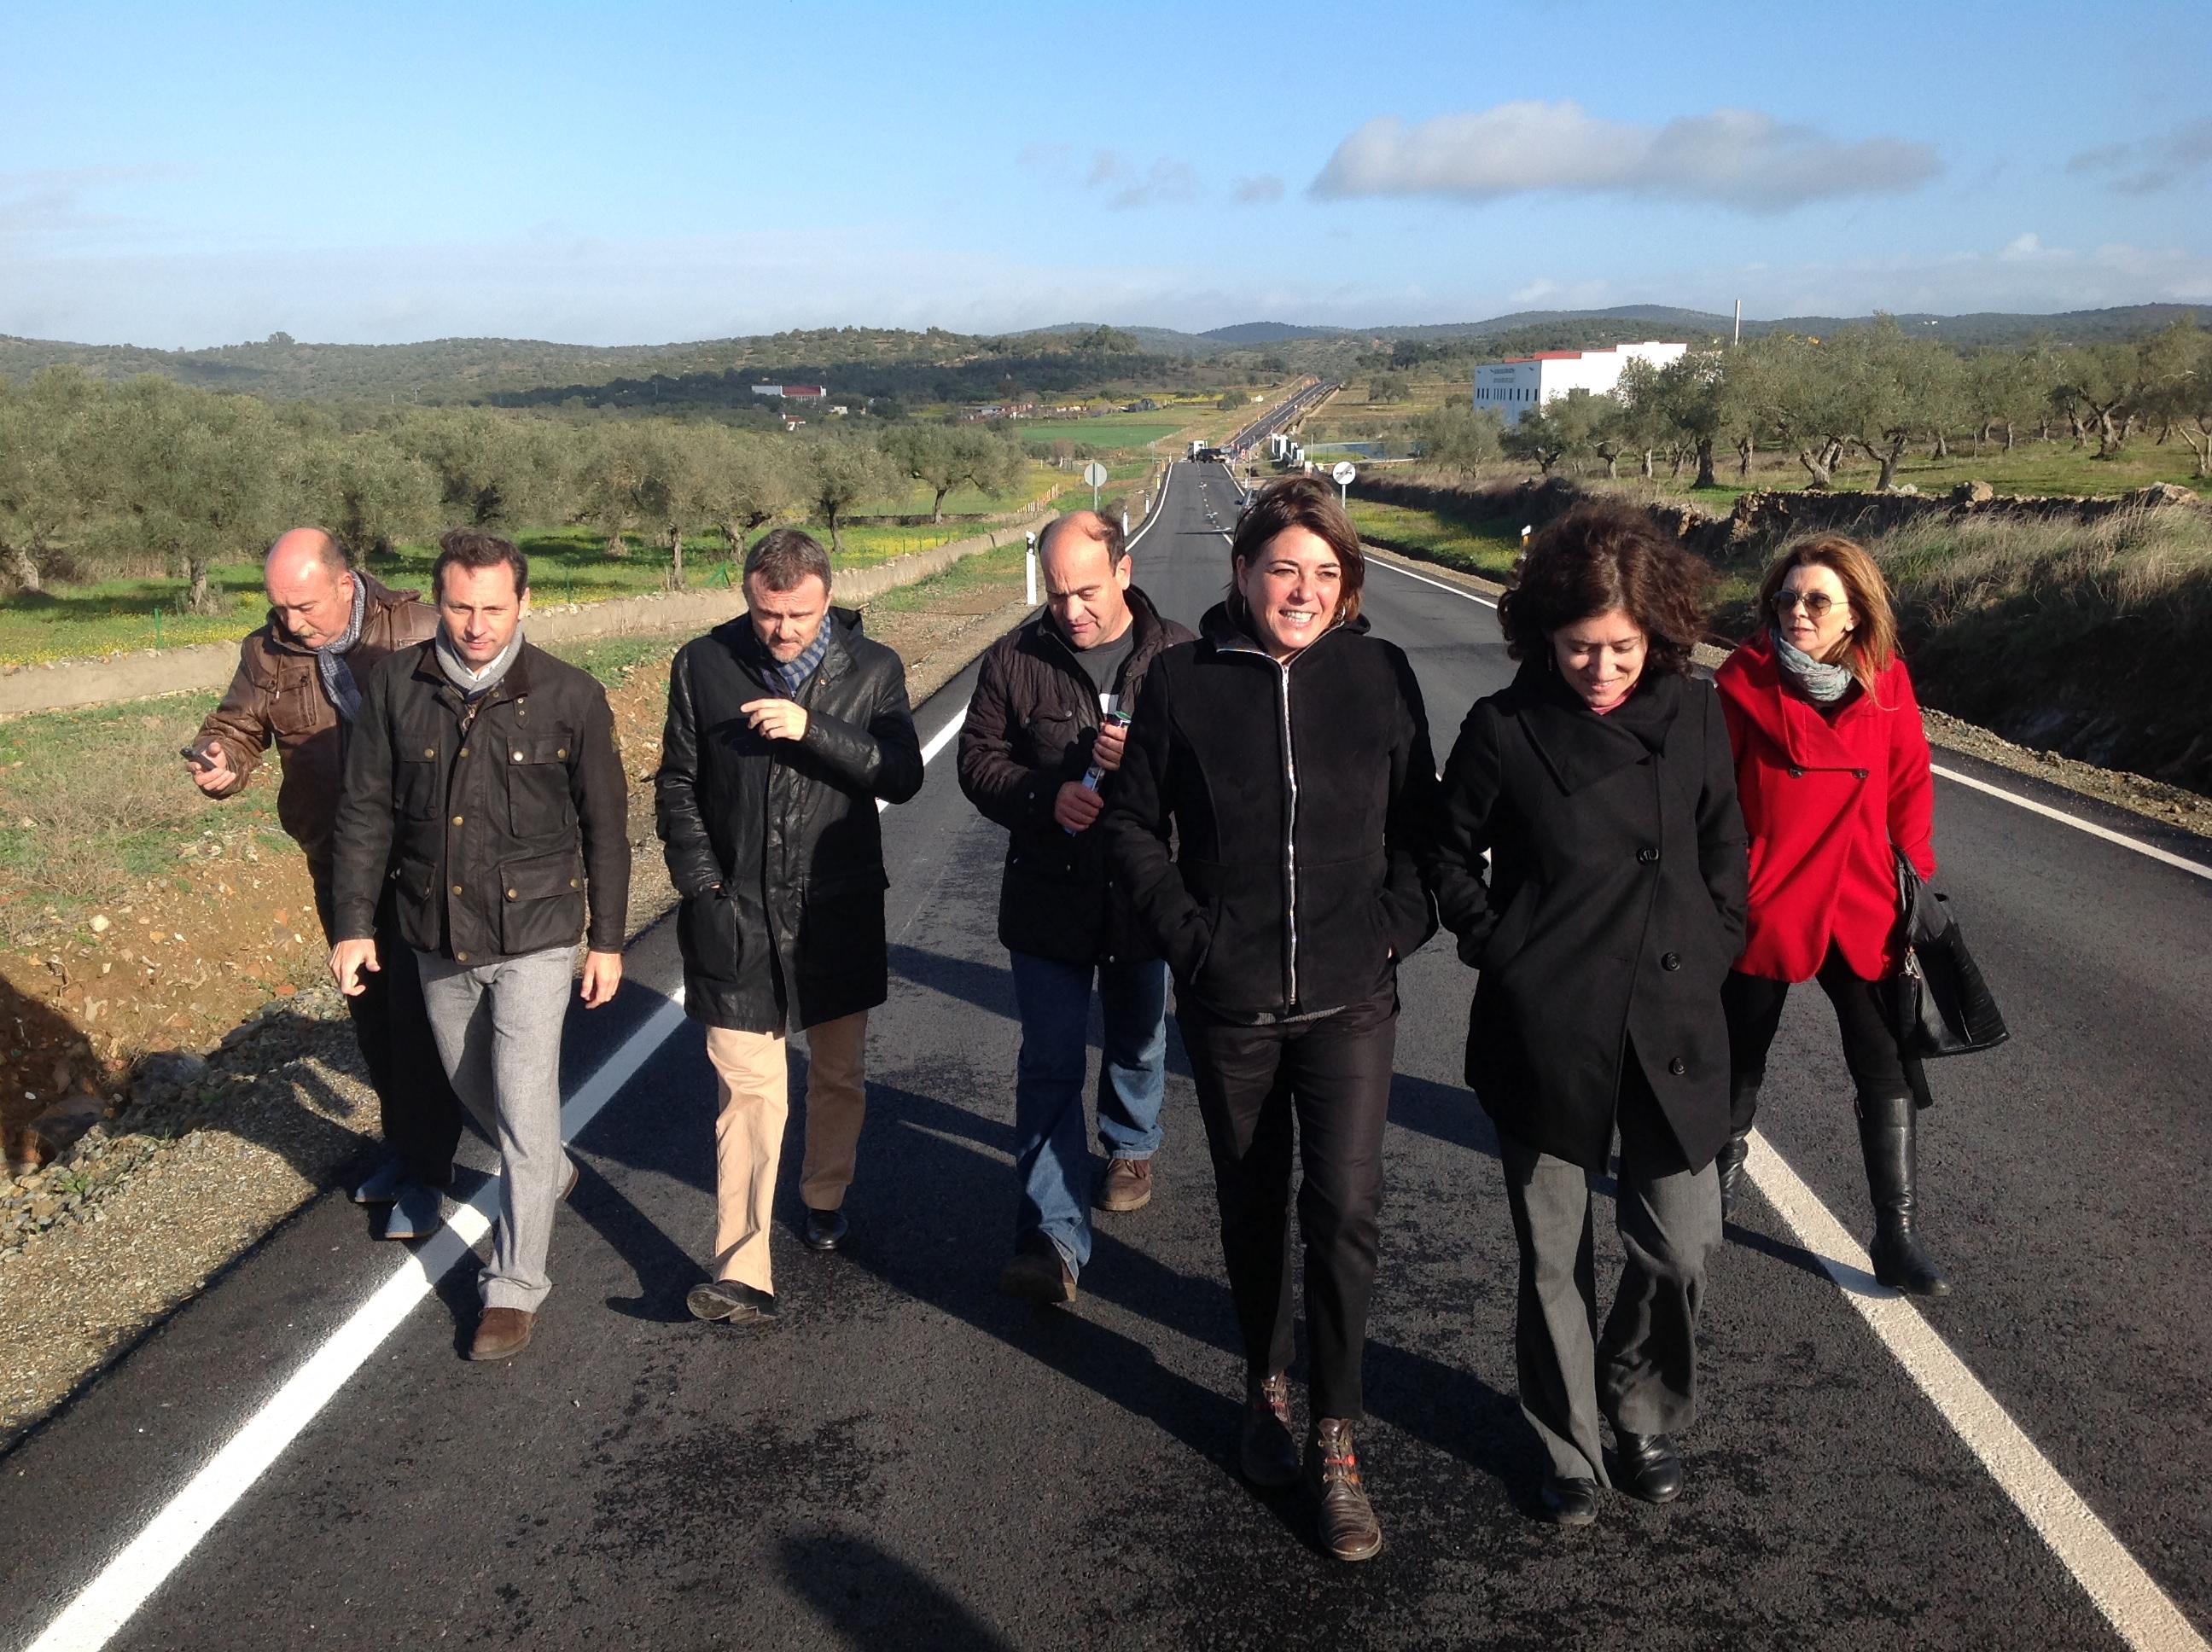 La consejera ha visitado el municipio de Encinasola en el norte de la provincia de Huelva.